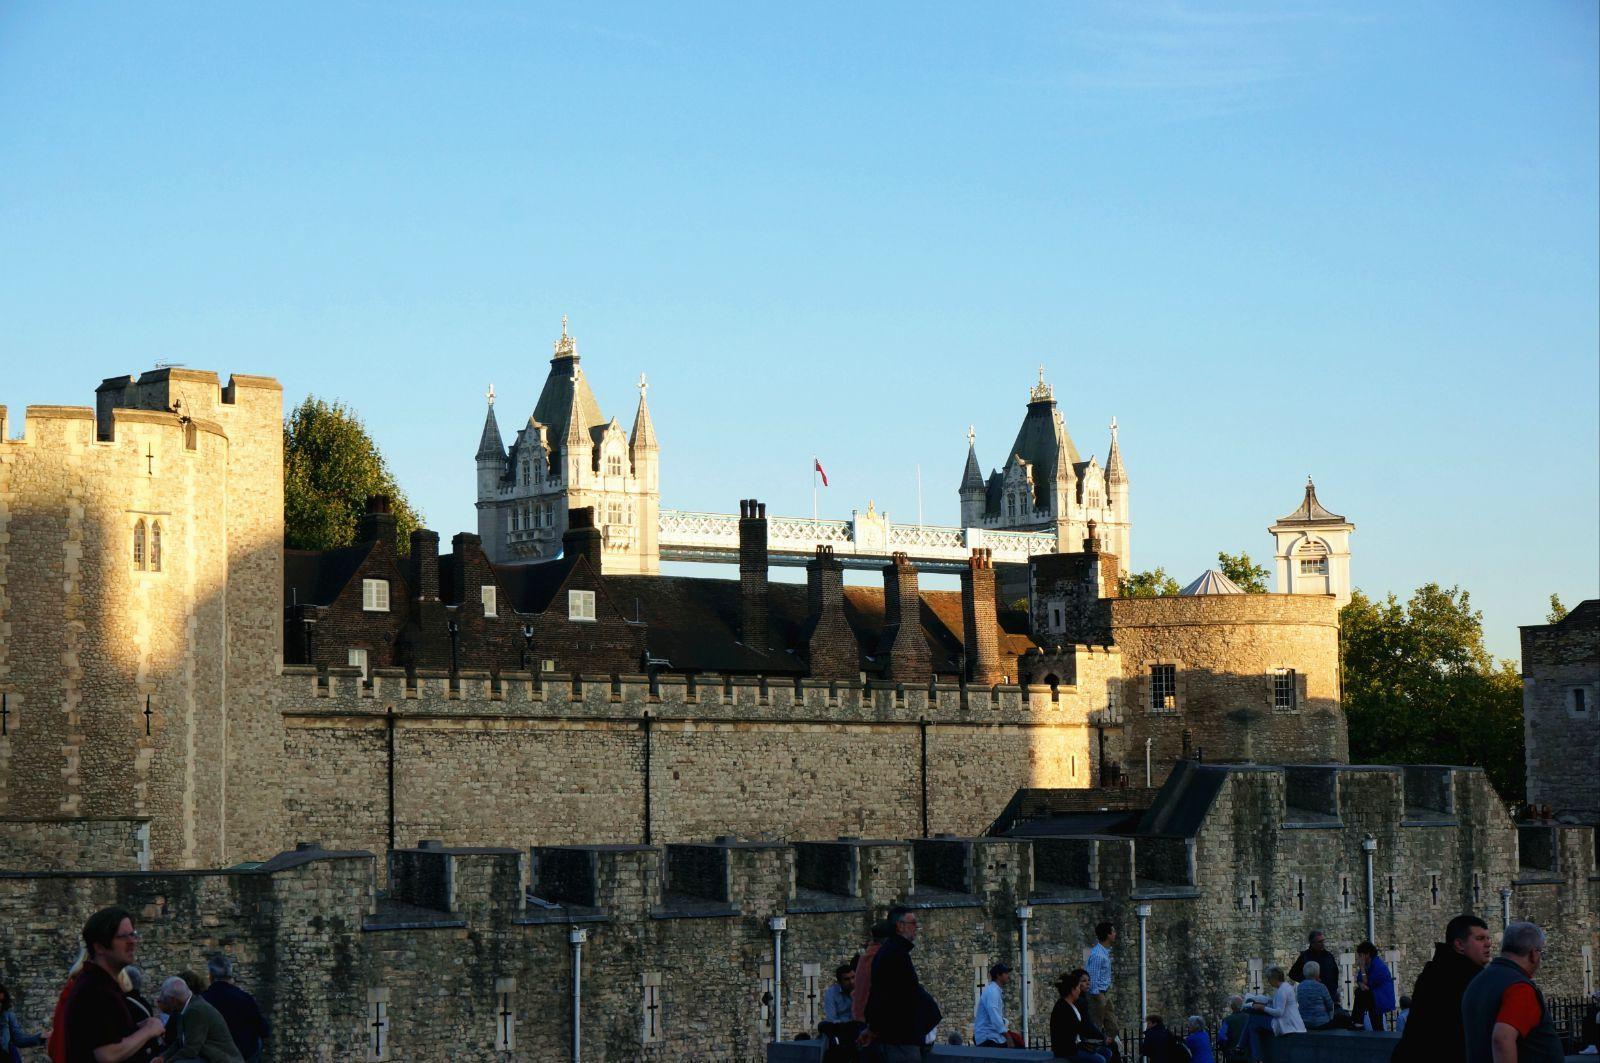 转到侧面的角度再去看伦敦塔